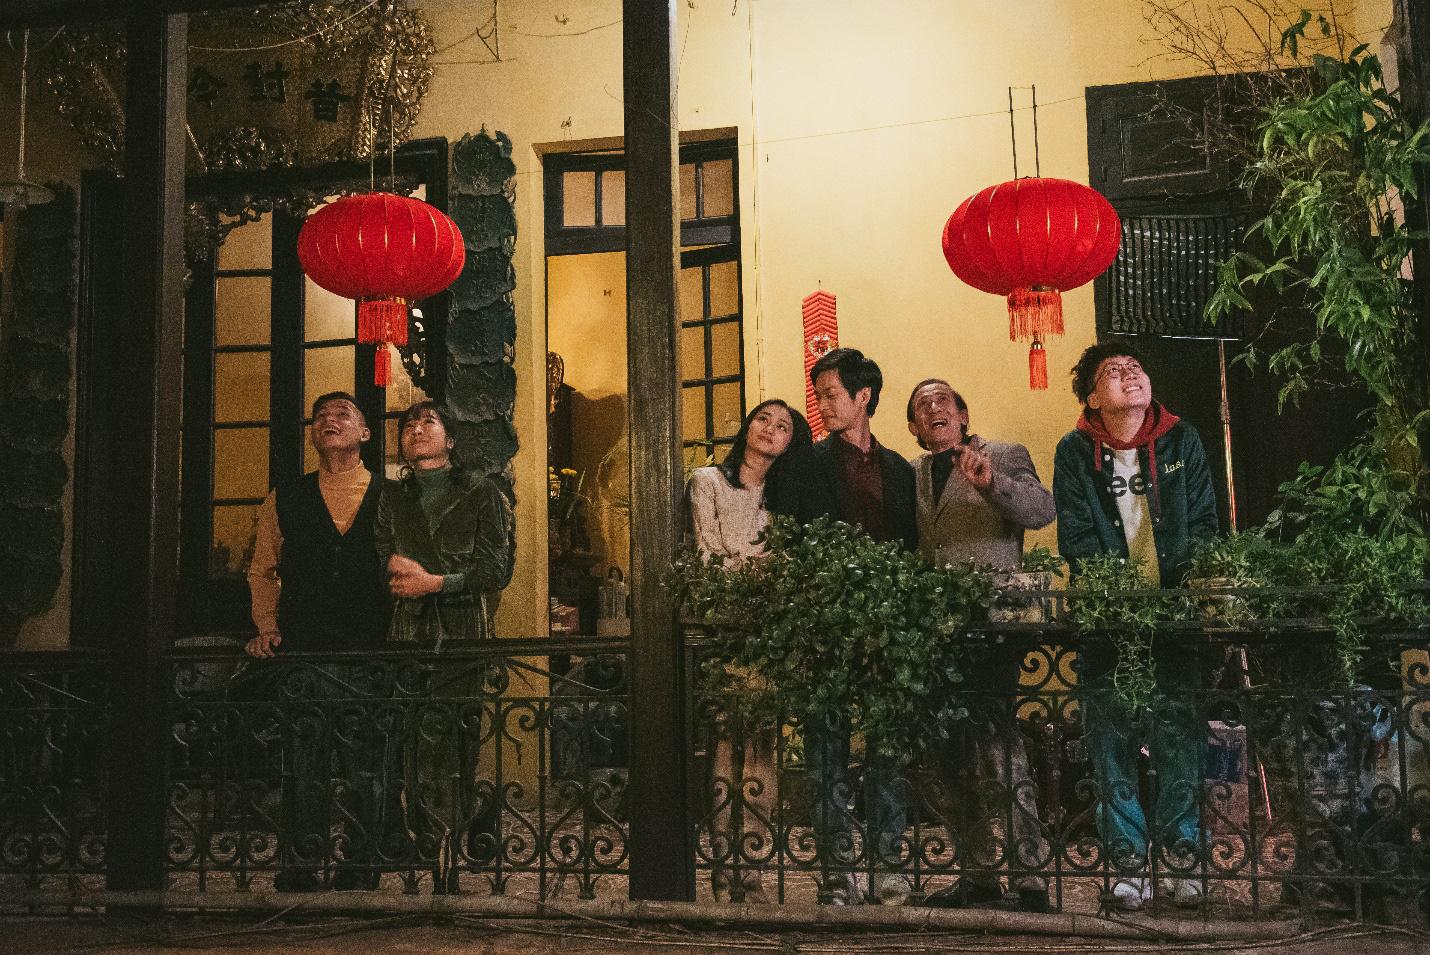 Sau thành công cùng Hoàng Thùy Linh, PUBG mobile tiếp tục đầu tư khủng với MV đầy ý nghĩa kết hợp cùng Mr. Siro khiến cộng đồng mạng thích thú - Ảnh 14.